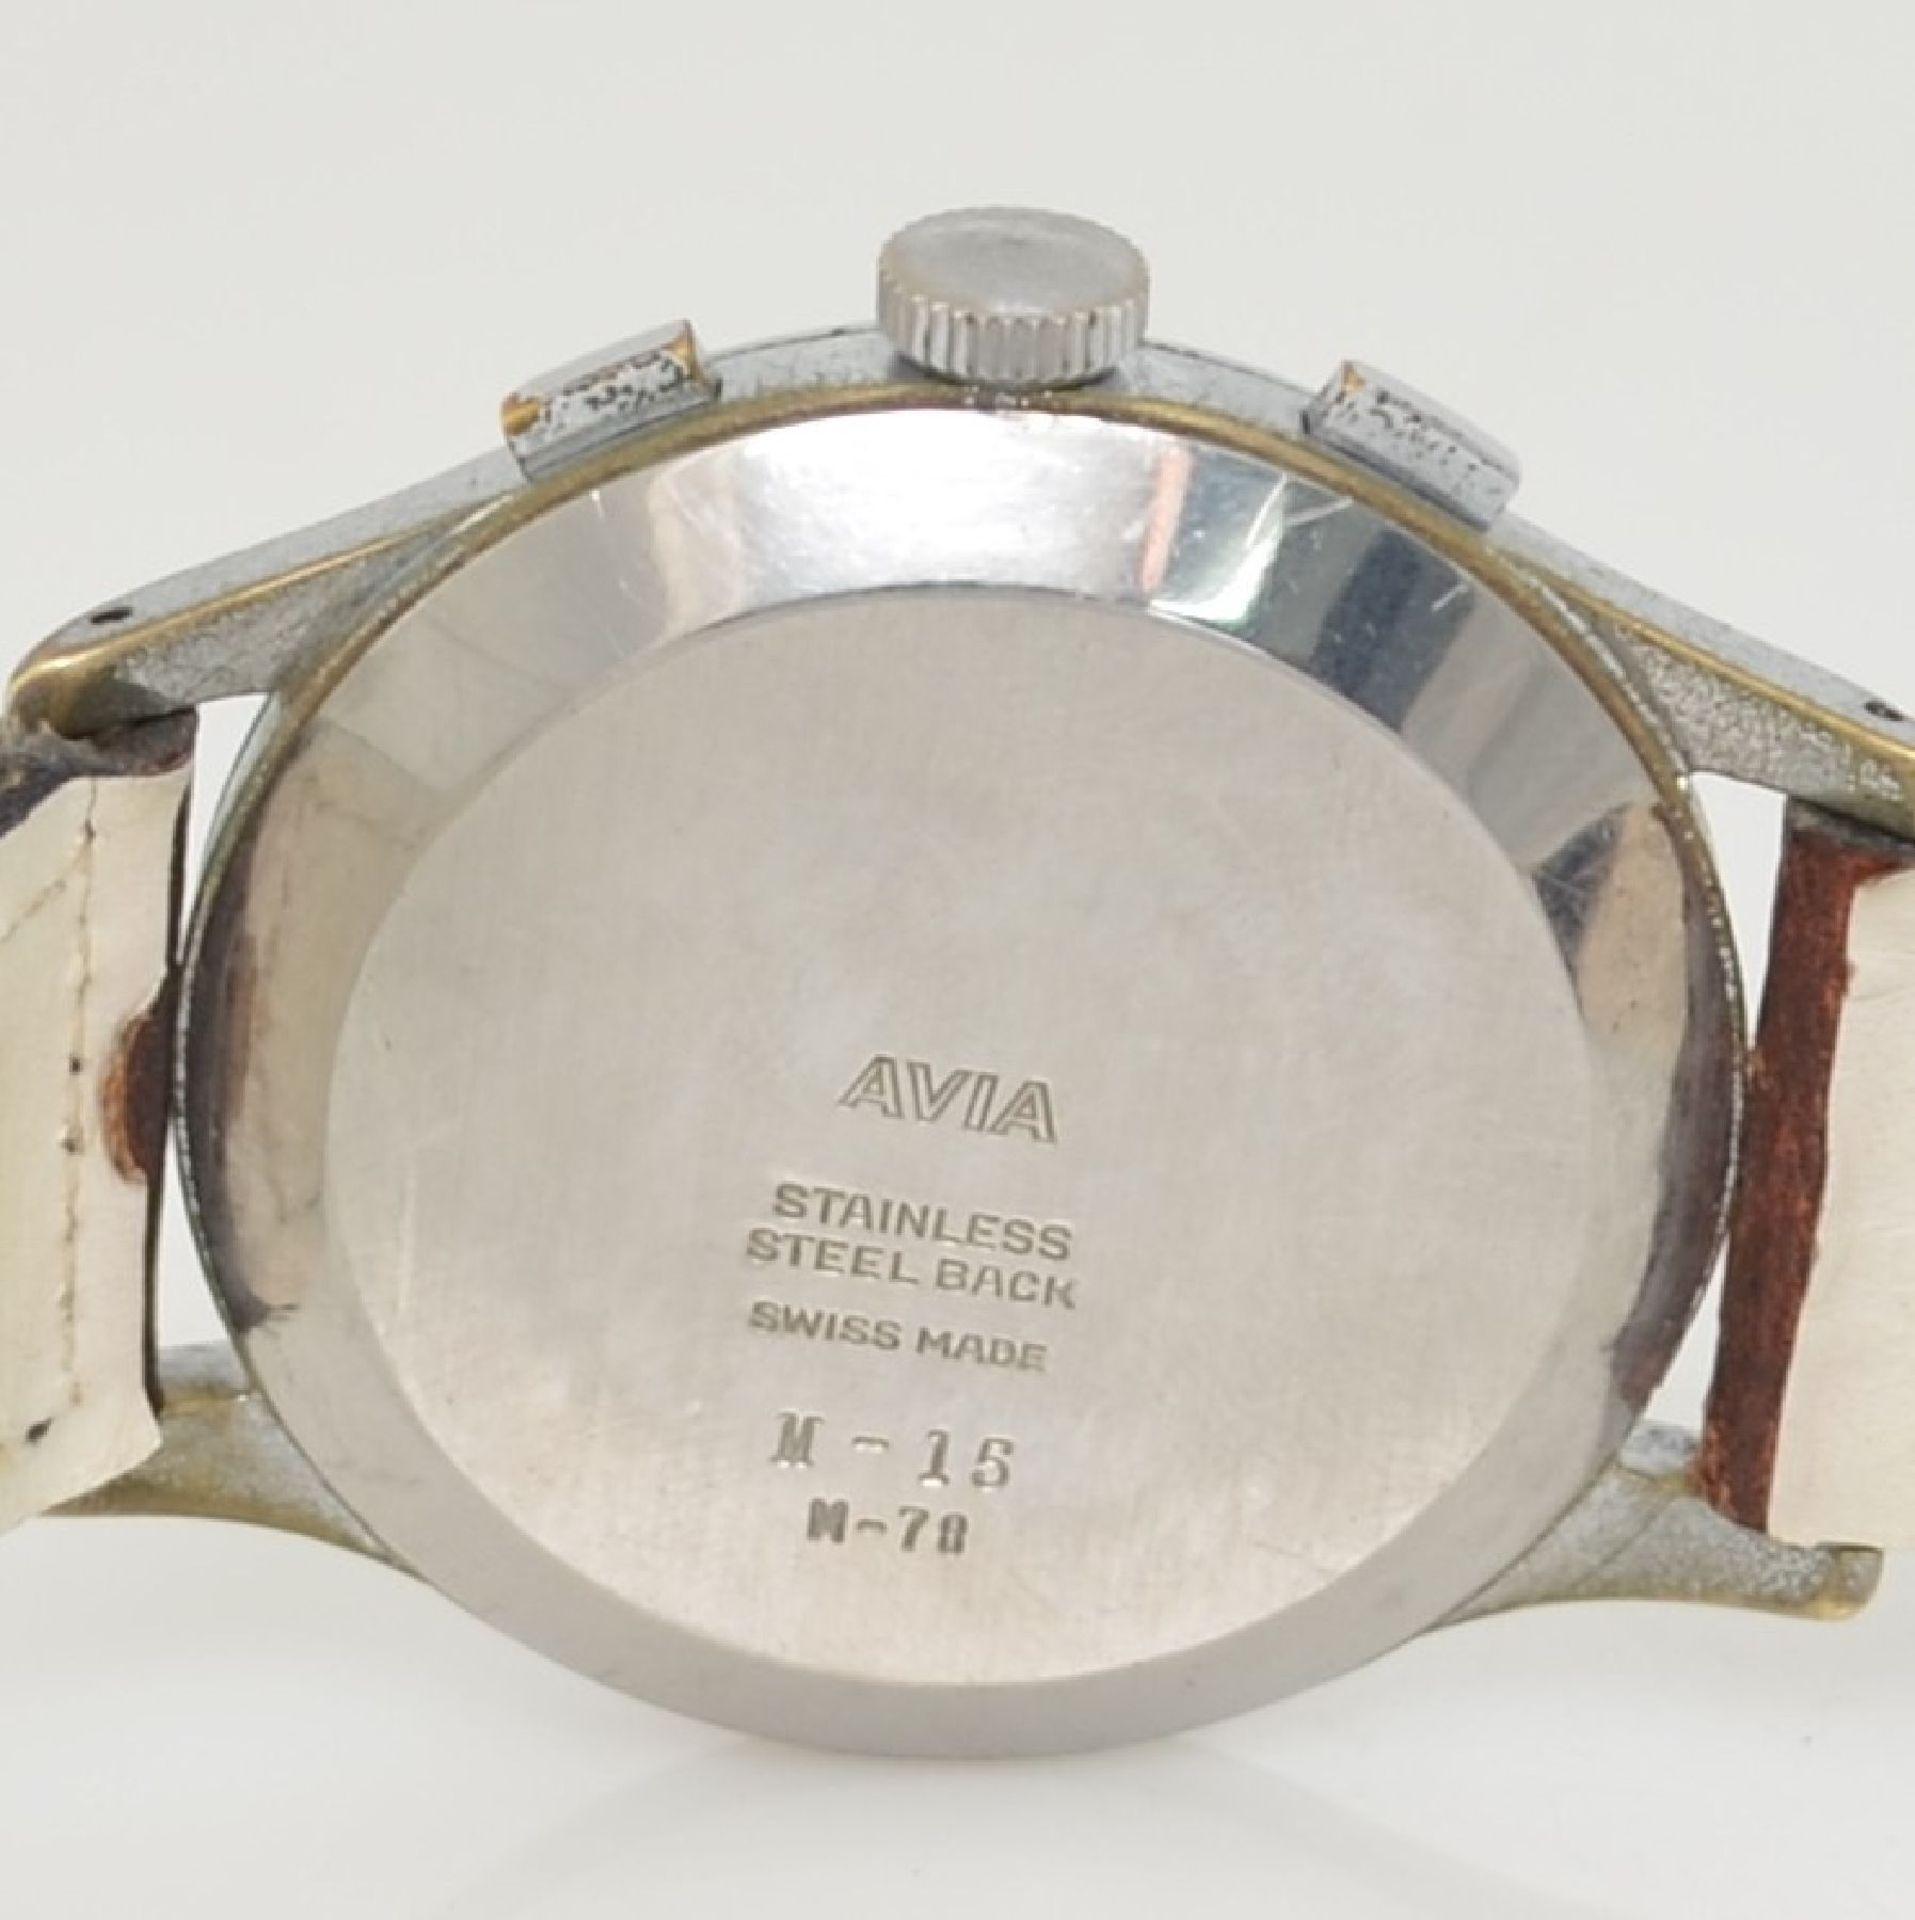 AVIA Armbandchronograph, Handaufzug, Schweiz für den dtsch. Markt um 1940, verchr. Metallgeh. - Bild 6 aus 10